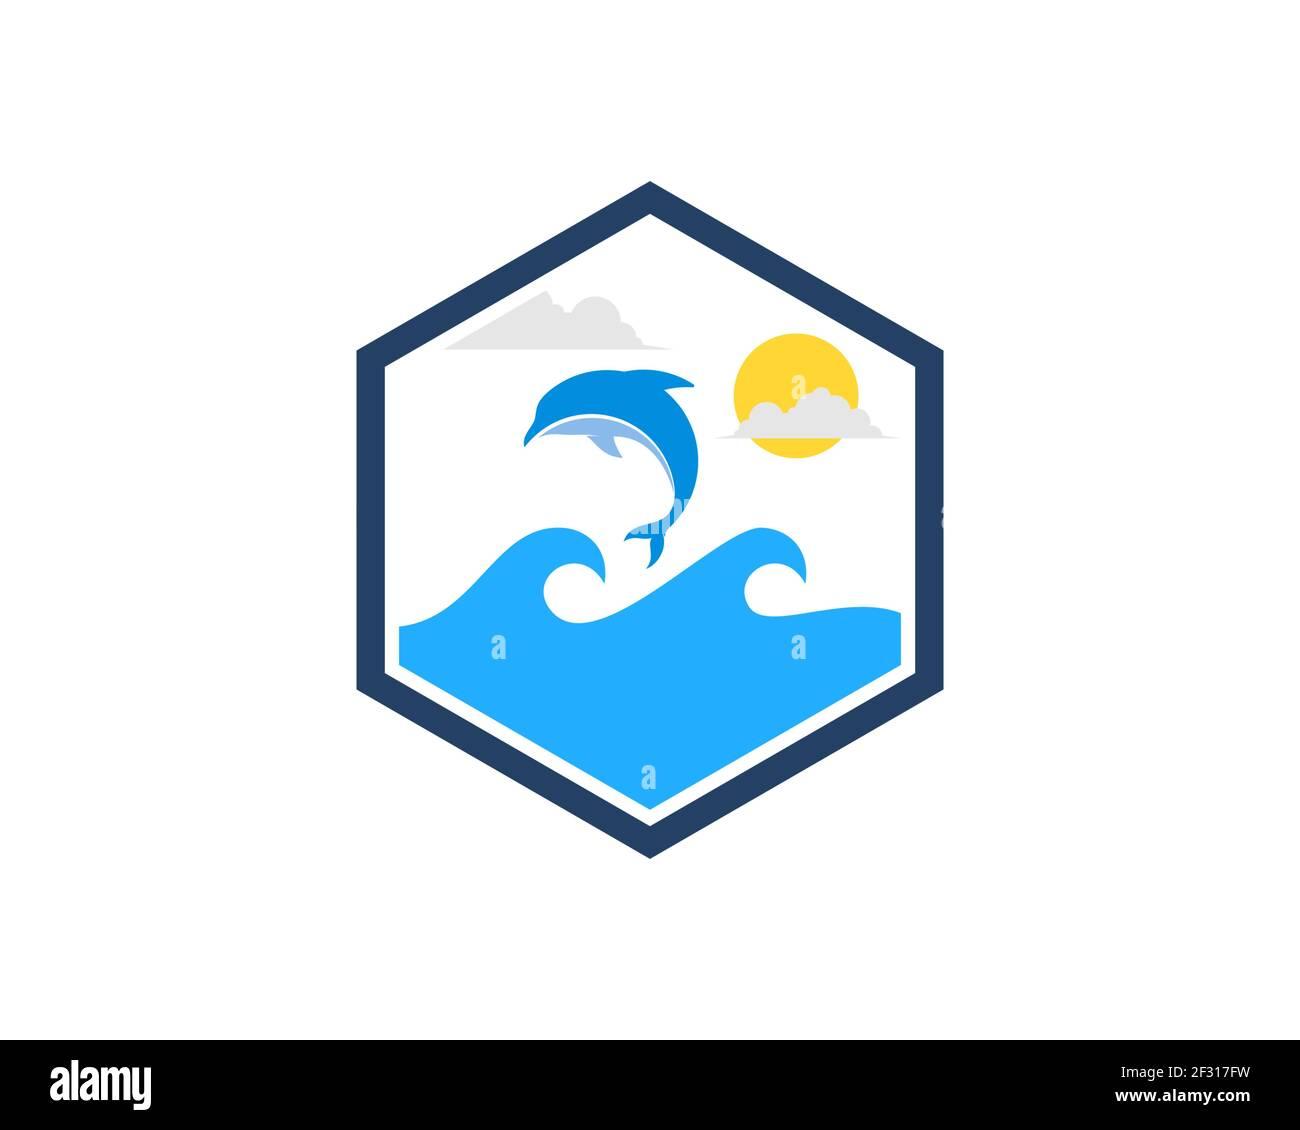 Forma hexagonal con olas de playa y saltando delfines Foto de stock